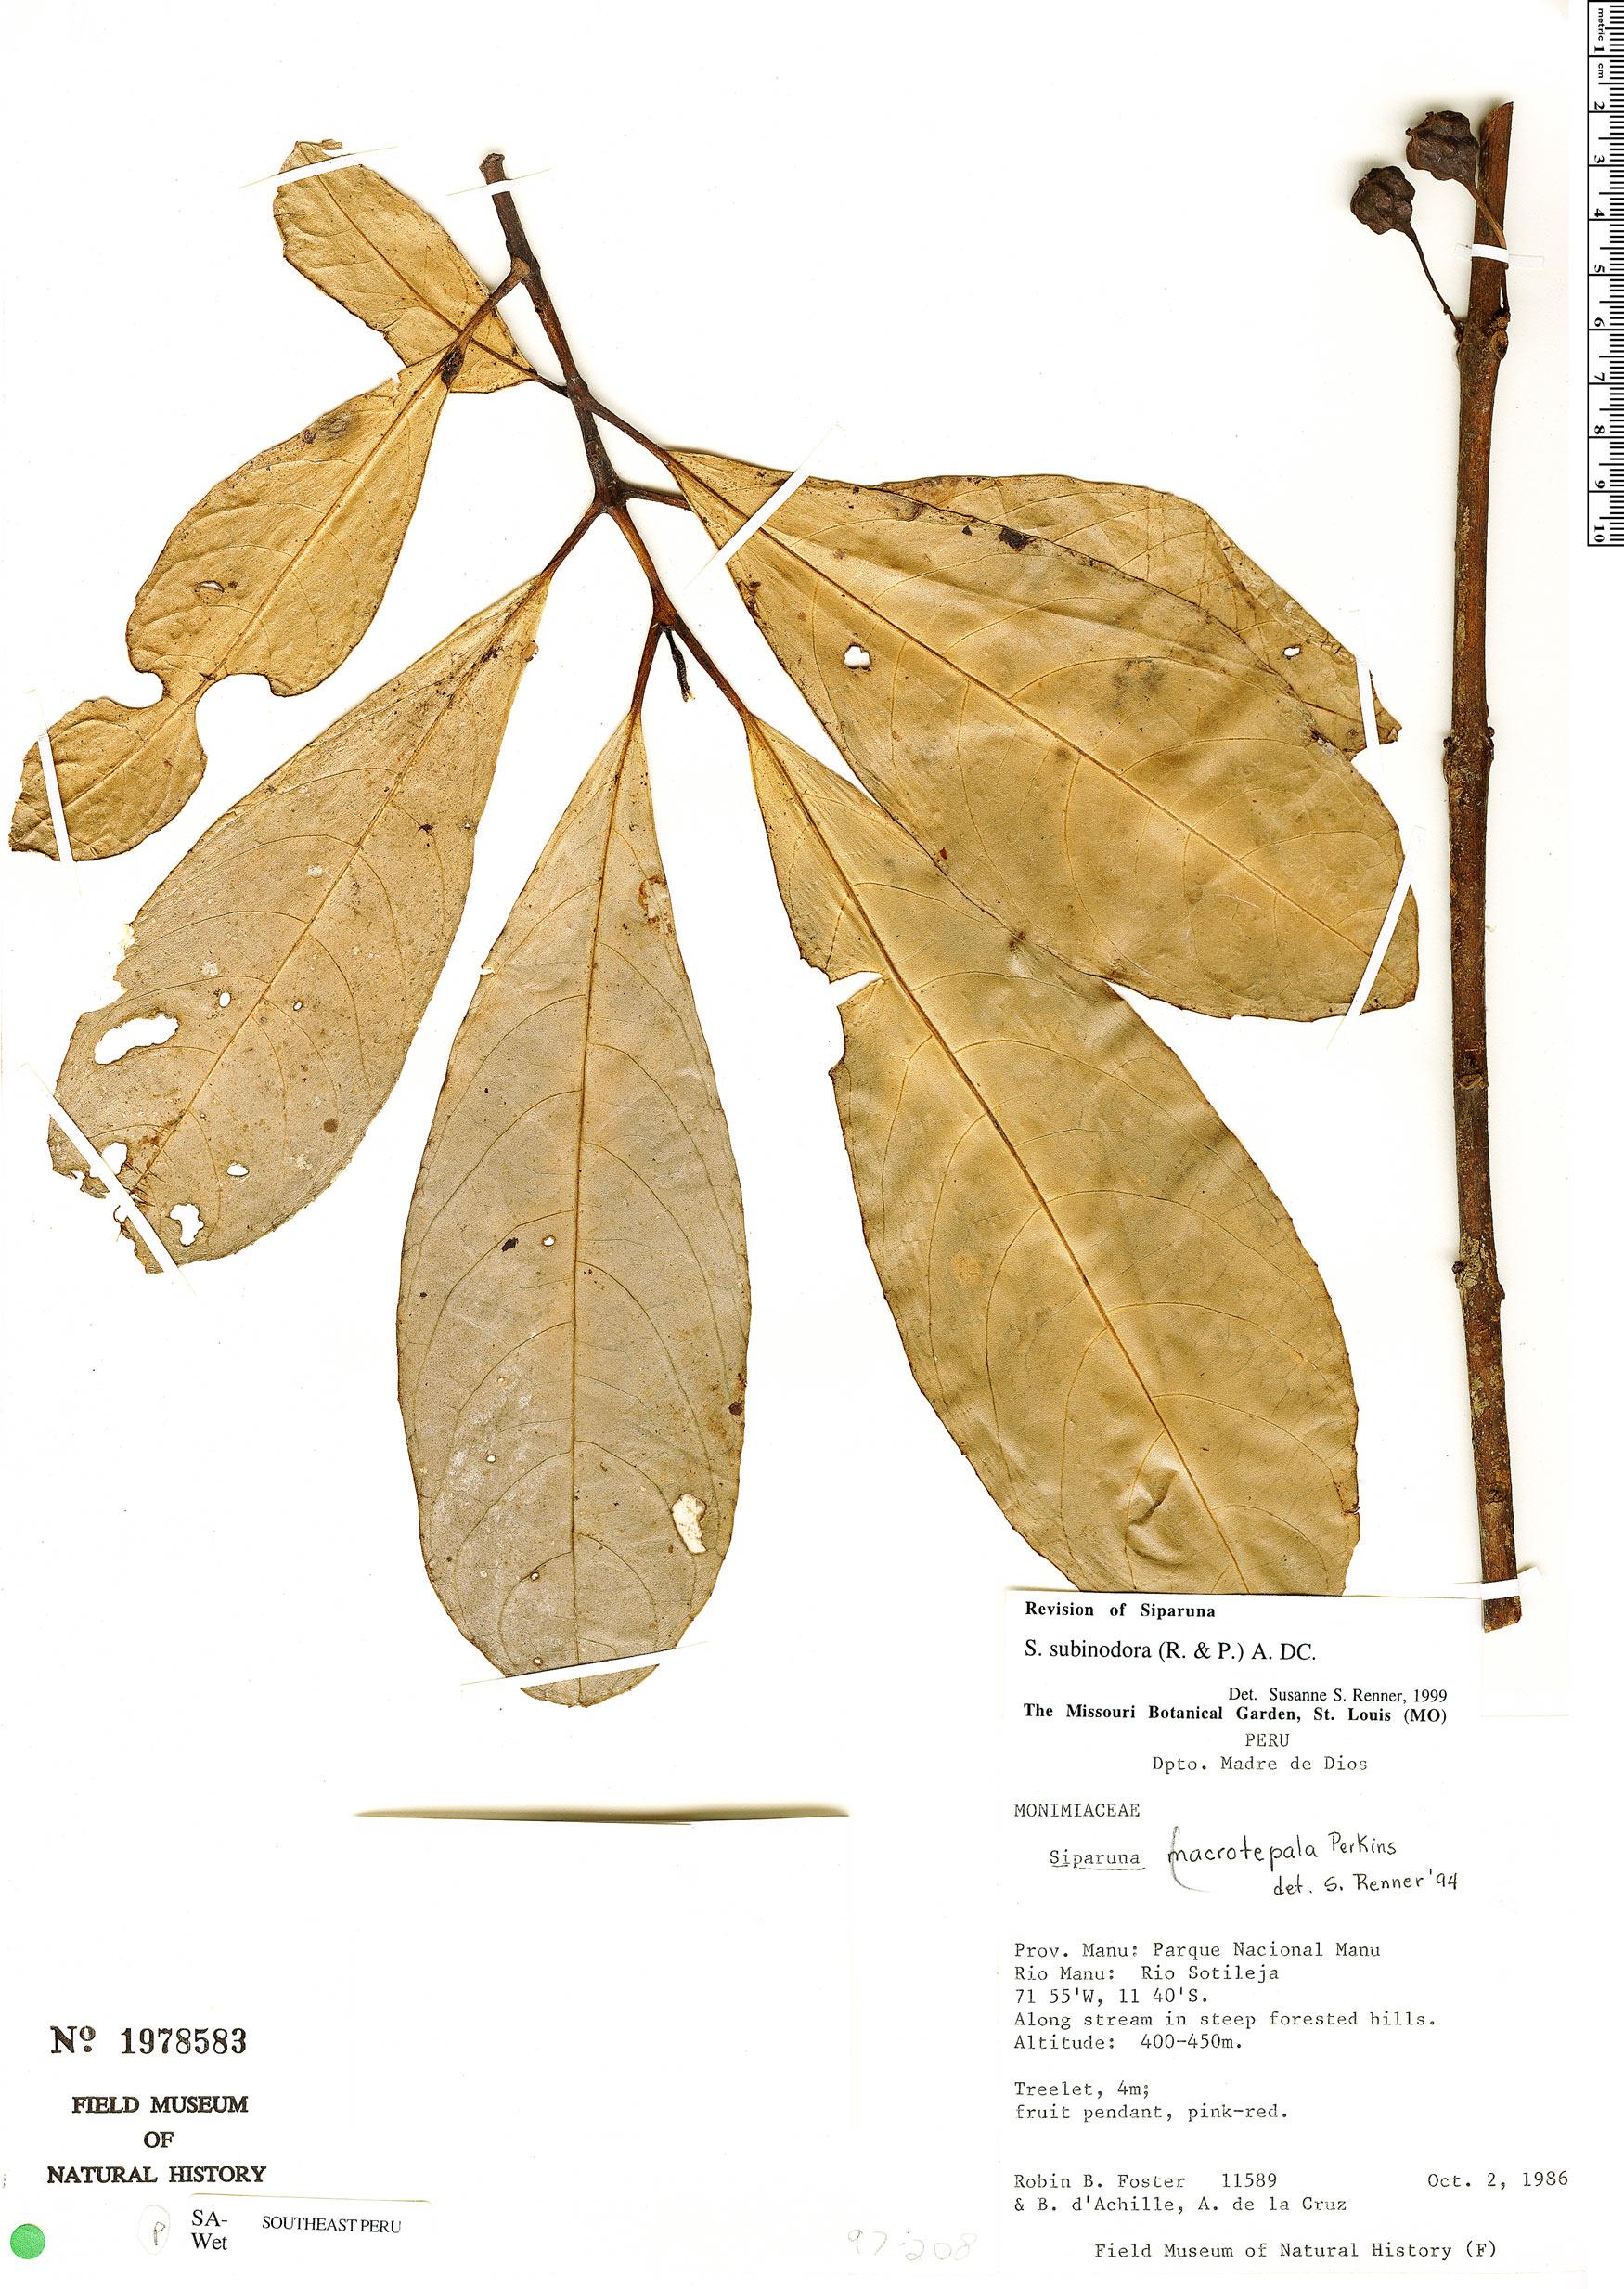 Specimen: Siparuna subinodora